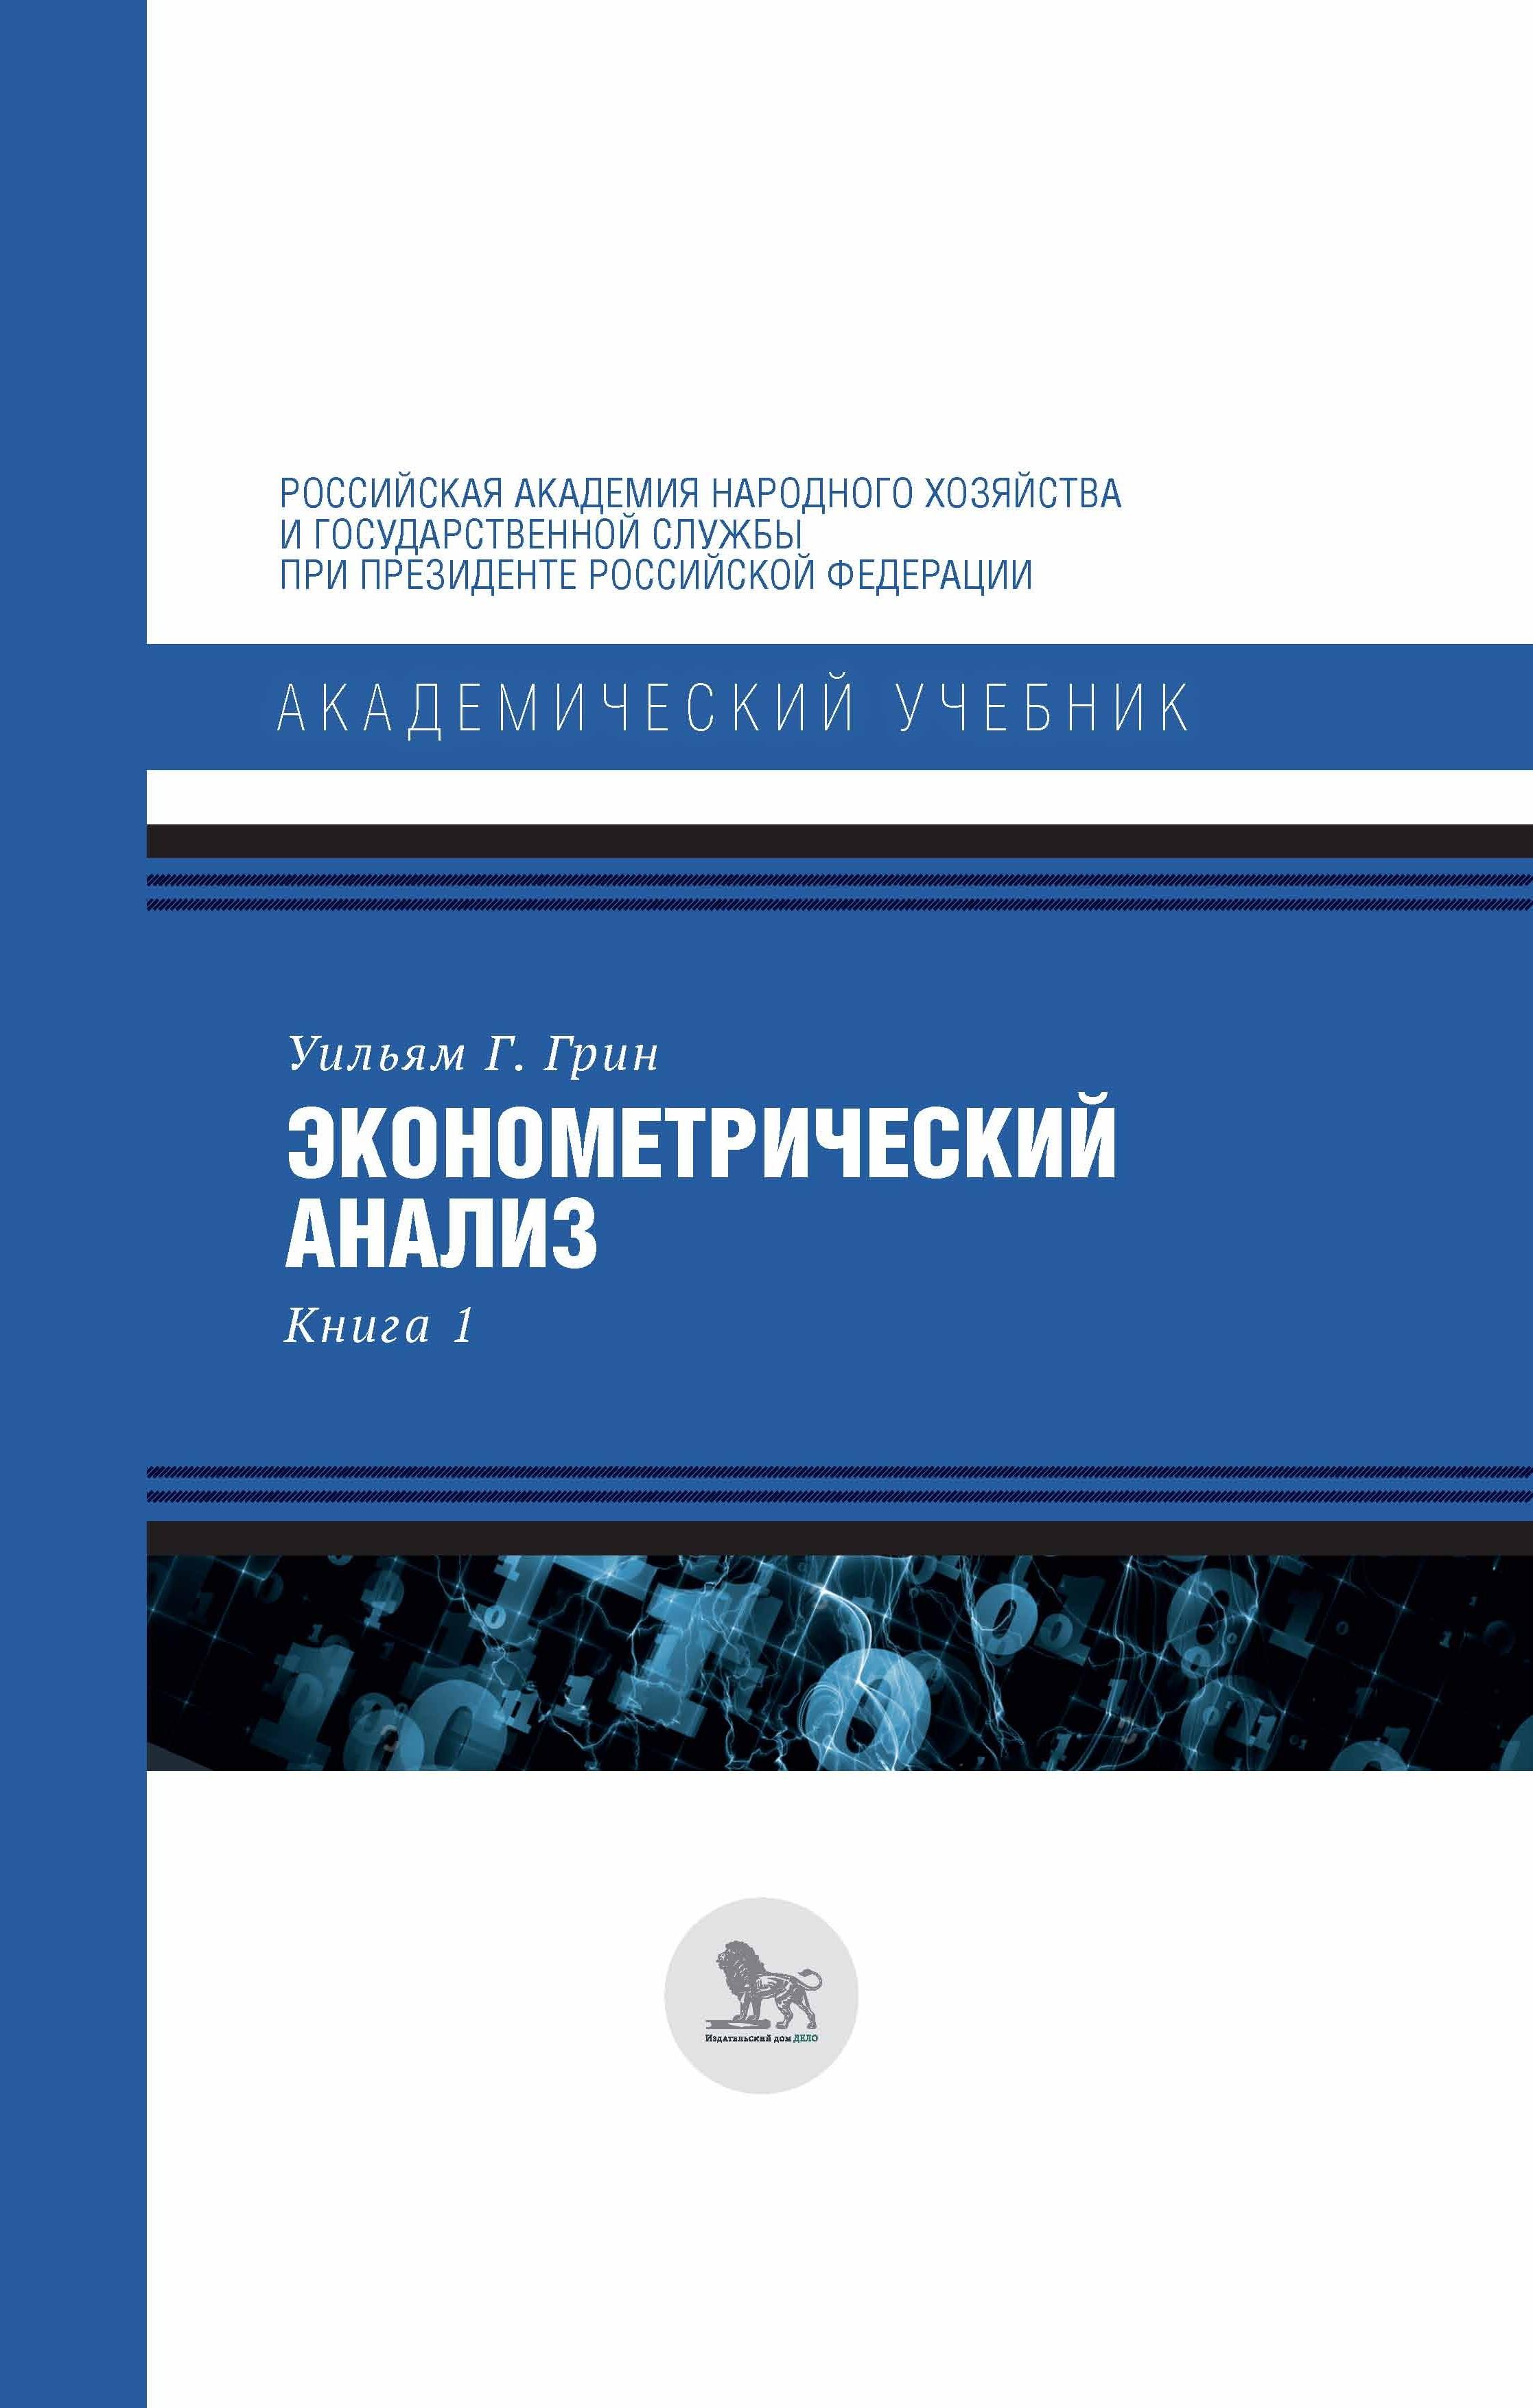 Эконометрический анализ. Книга 1